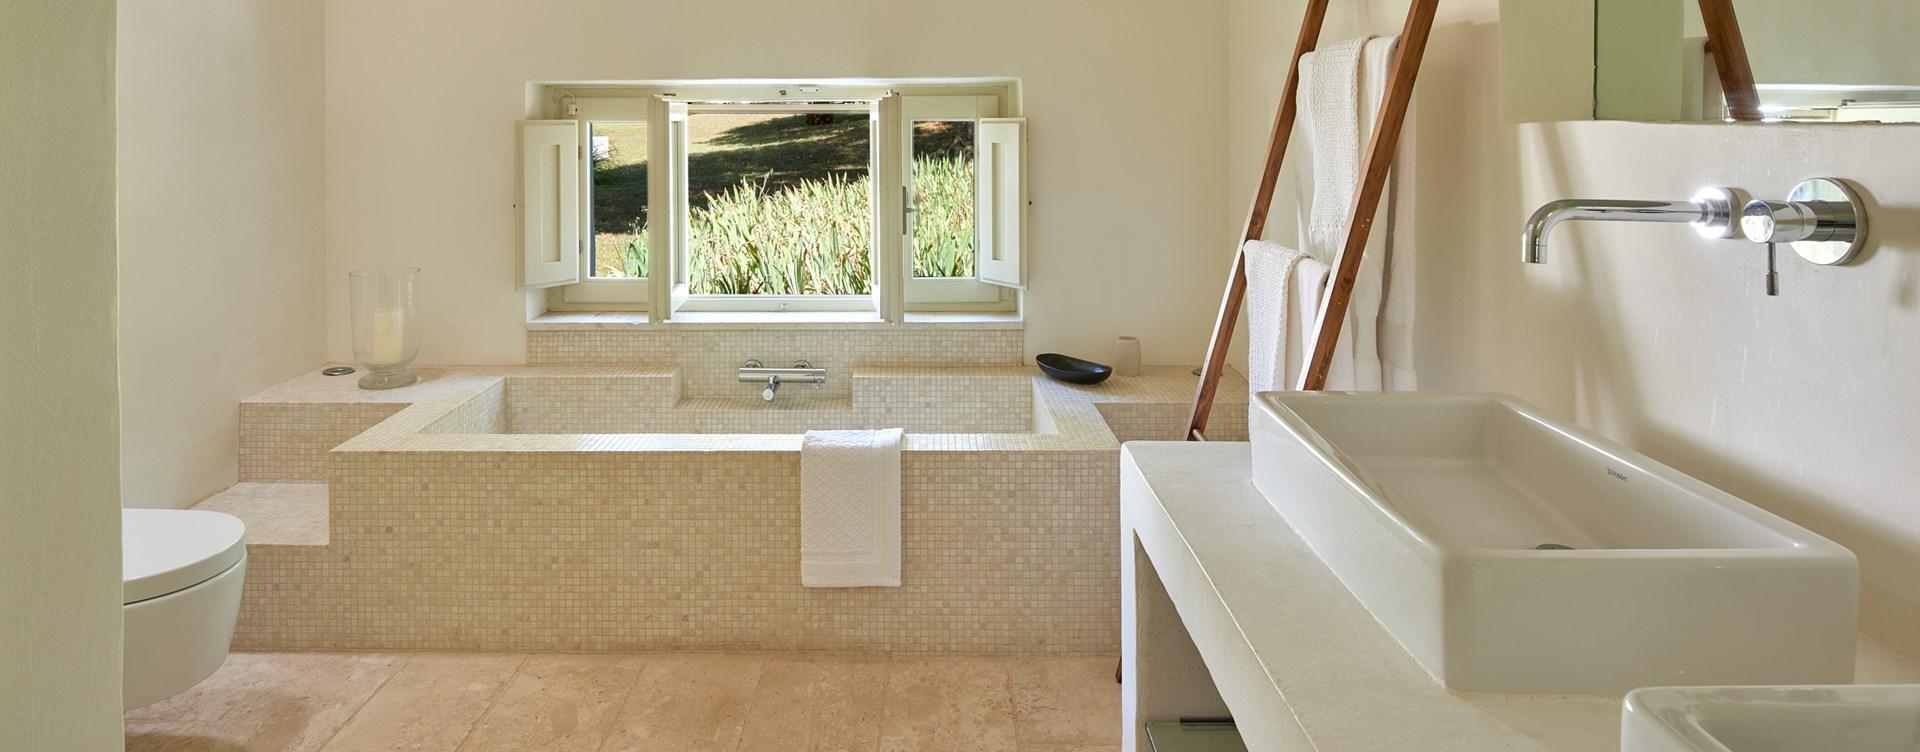 la-moresca-modern-bathroom